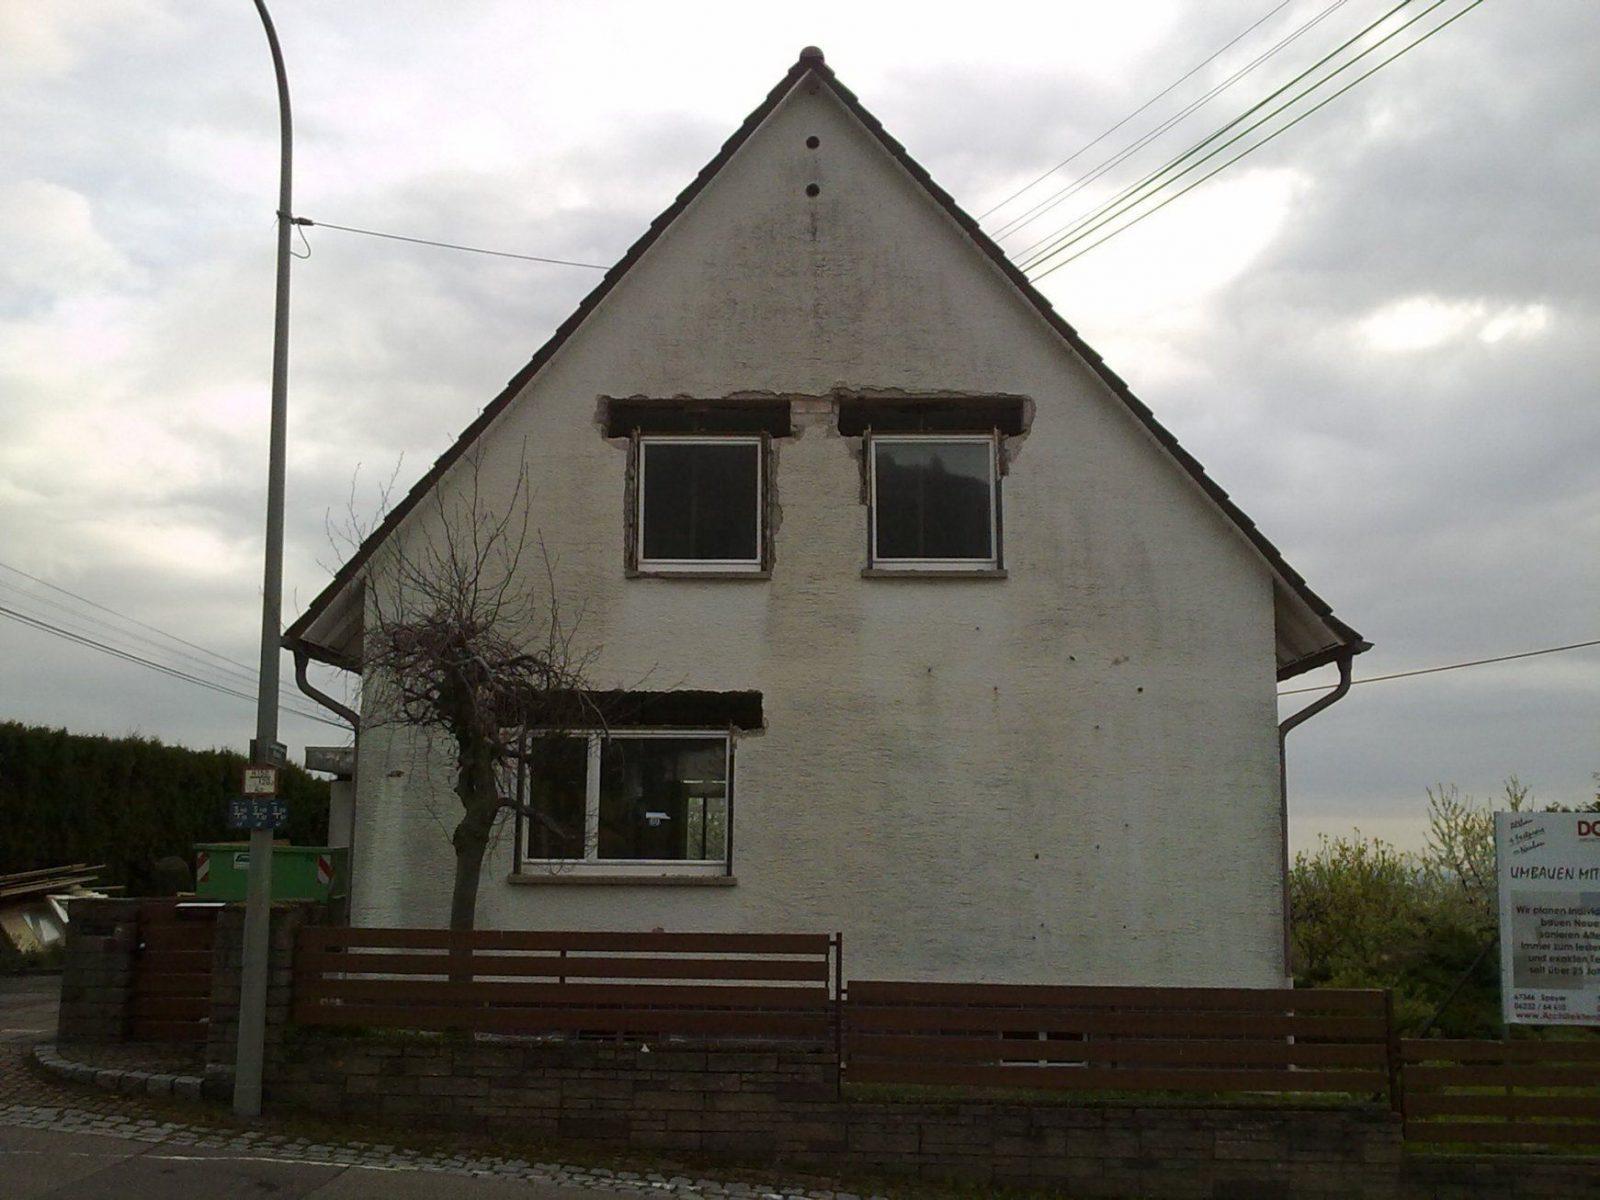 Schöne Haus Umbauen Vorher Nachher Altes Haus Renovieren Vorher von Altes Haus Sanieren Vorher Nachher Photo